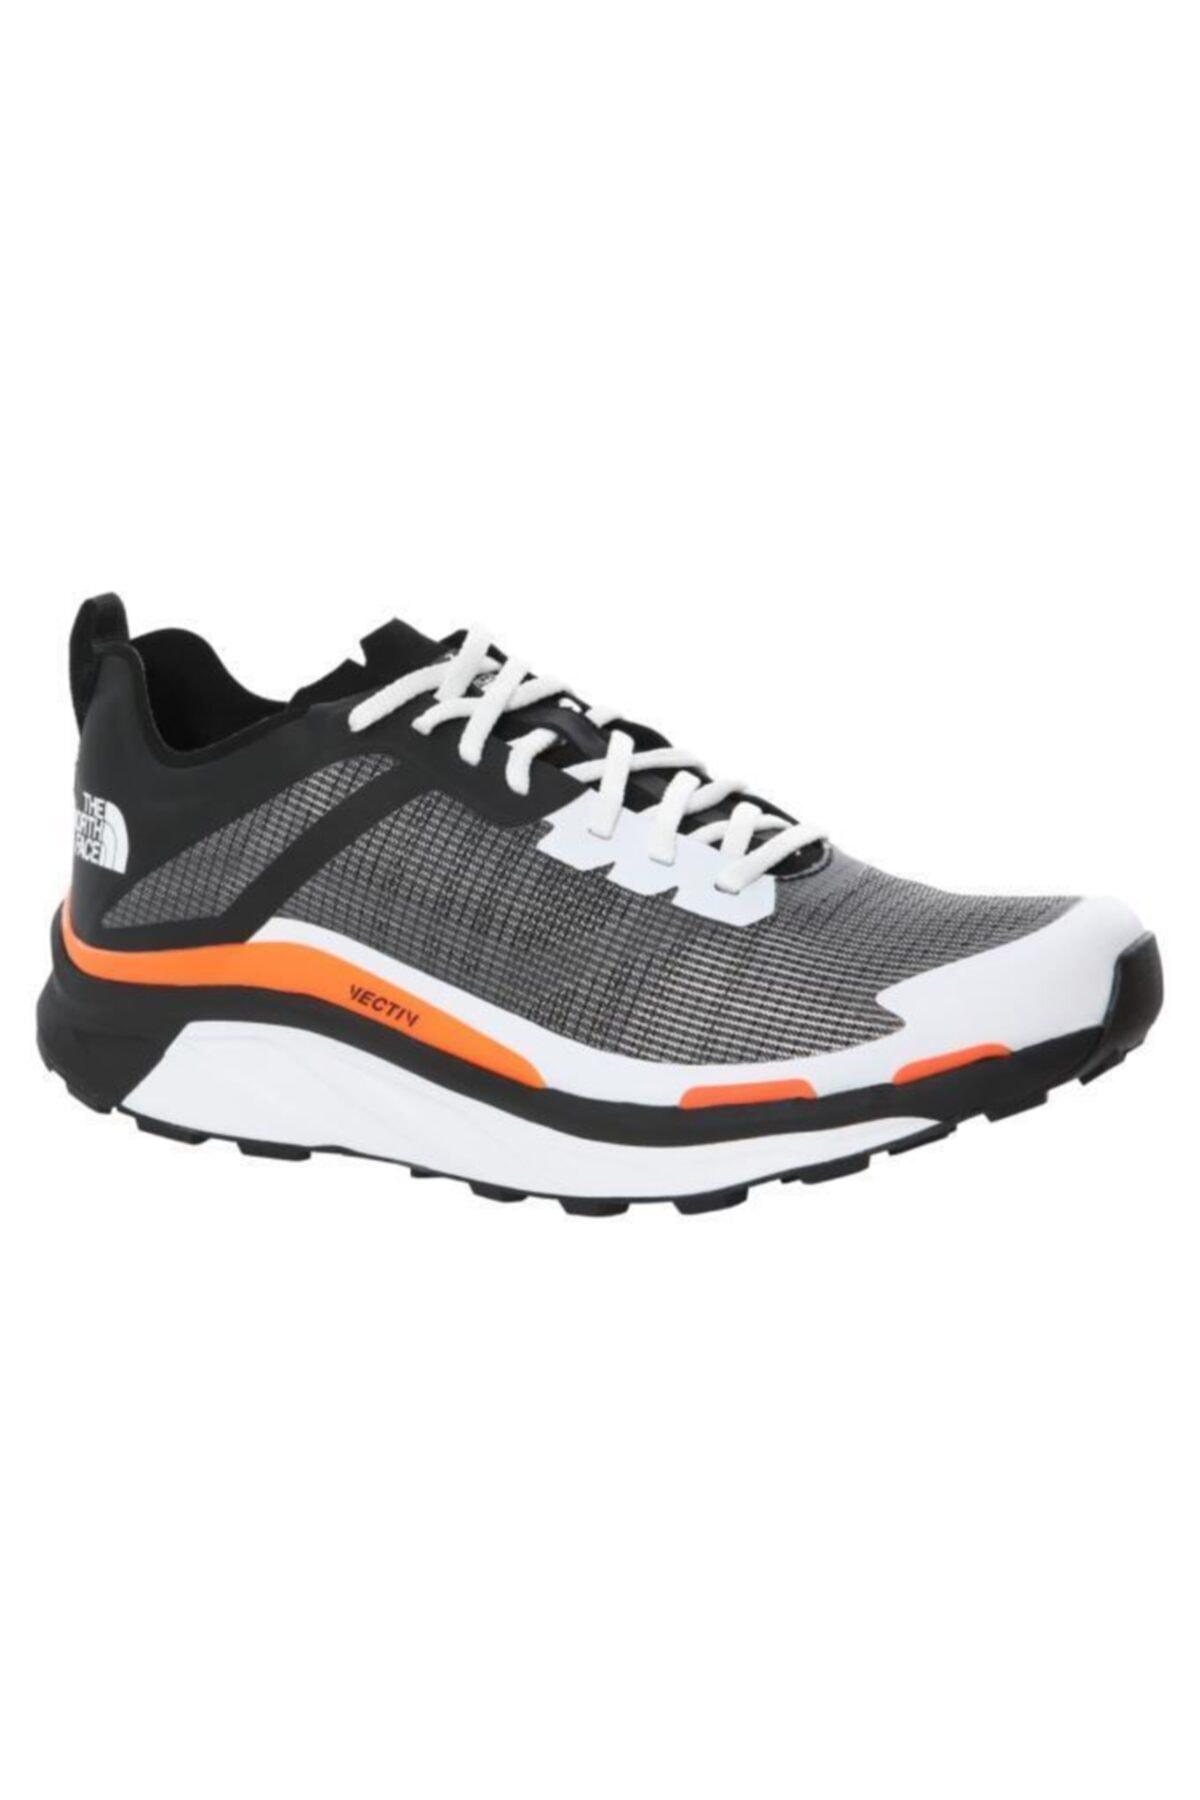 خرید نقدی کفش کوهنوردی پاییزی مردانه برند The North Face کد ty87221333